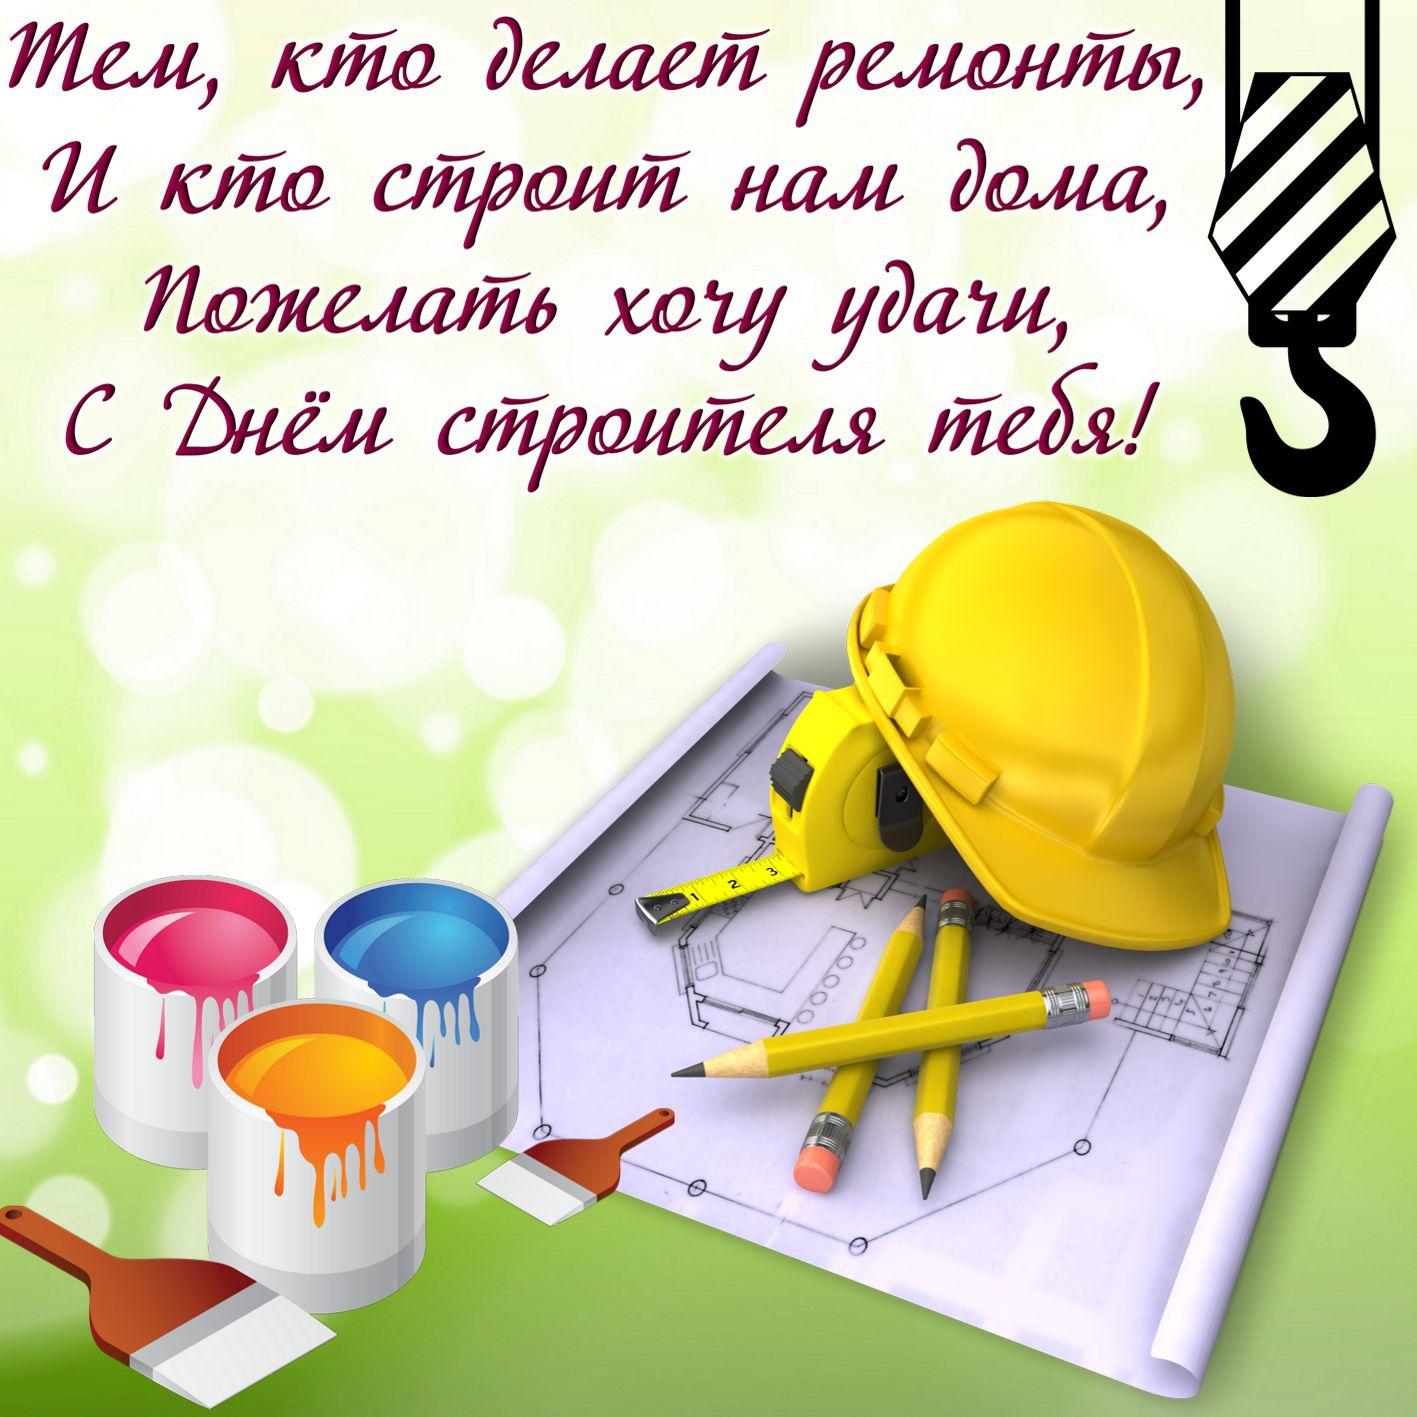 Поздравления с днем строителя коллегам в картинках